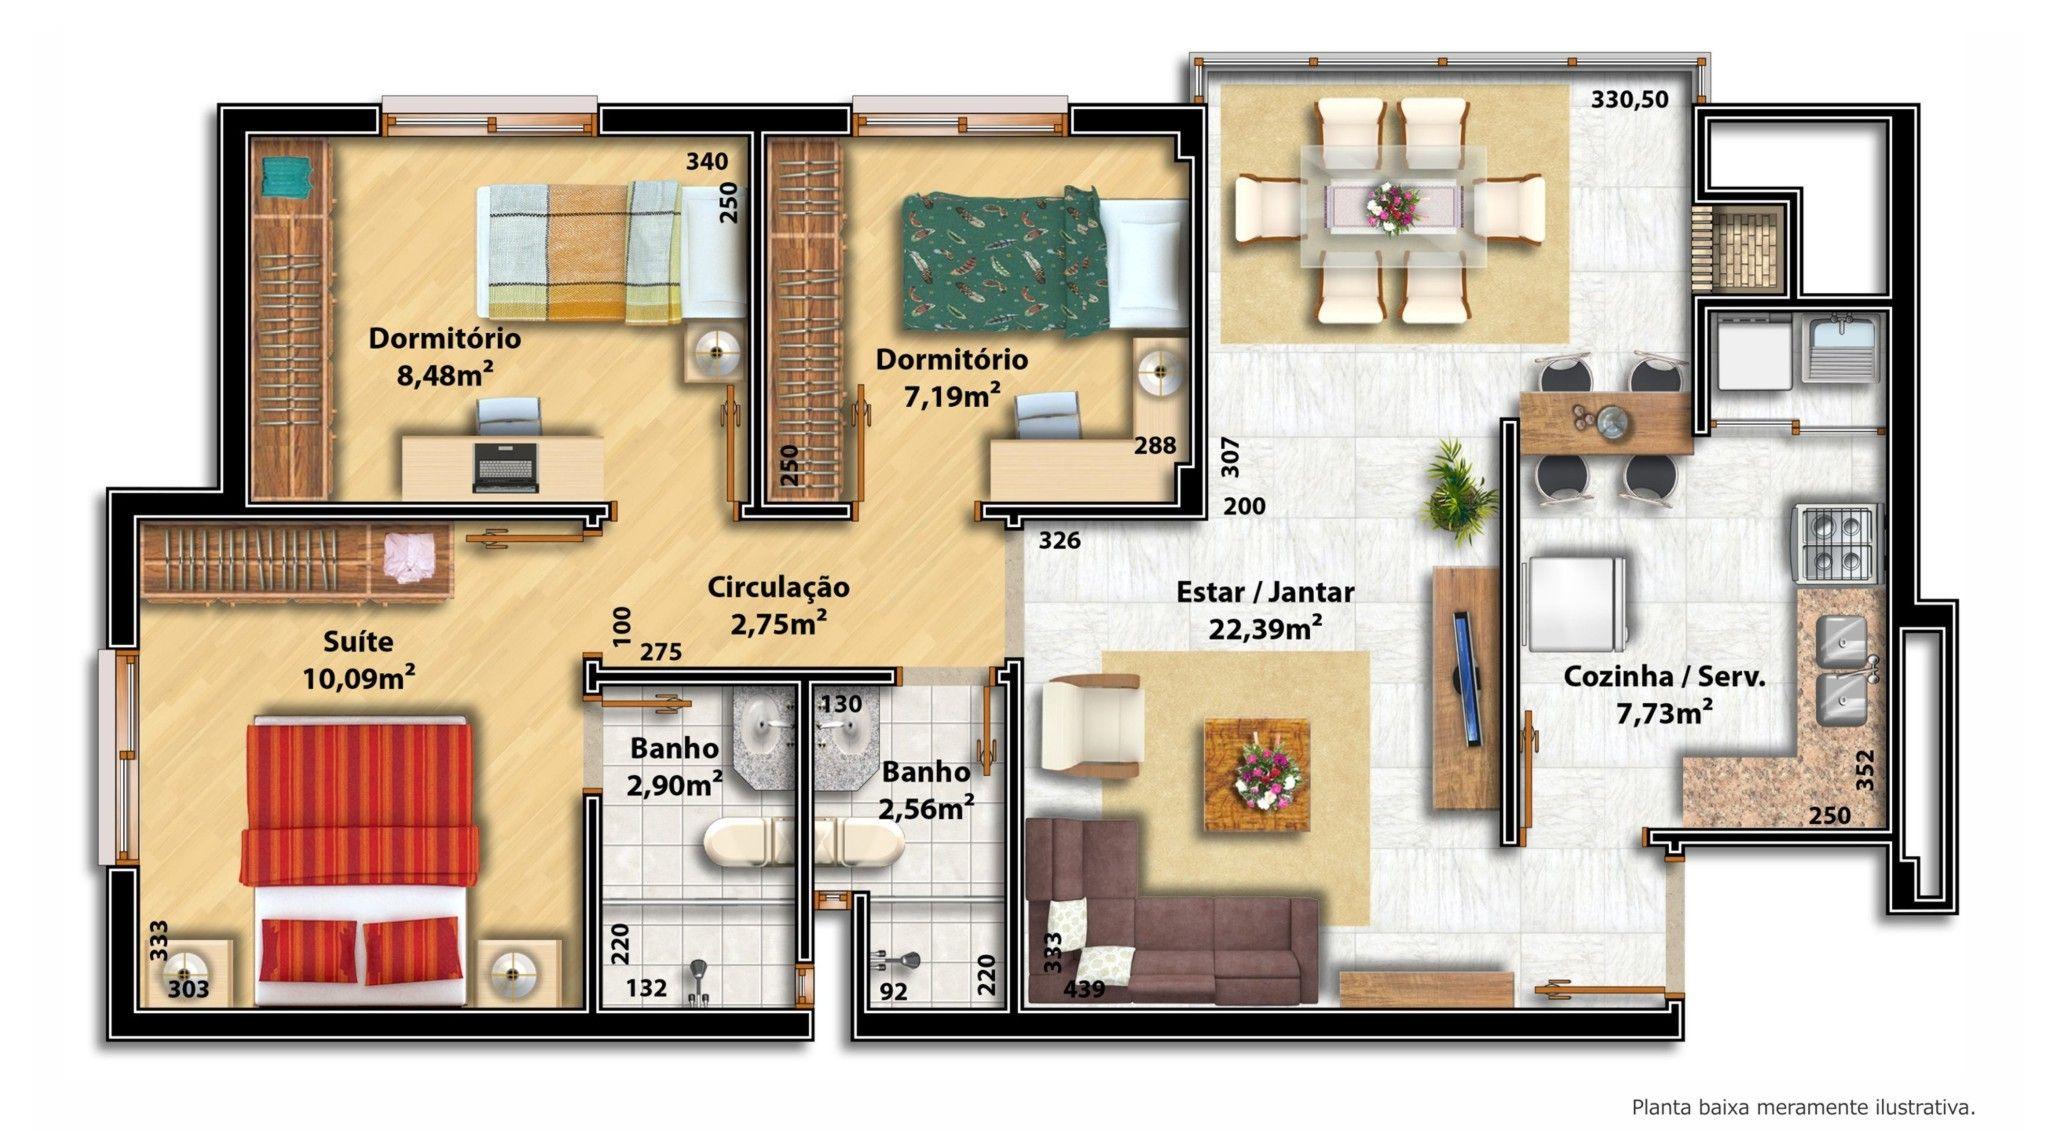 Sala De Estar Tamanho Ideal ~ ter dimensões apropriadas de forma a garantir conforto e bem estar